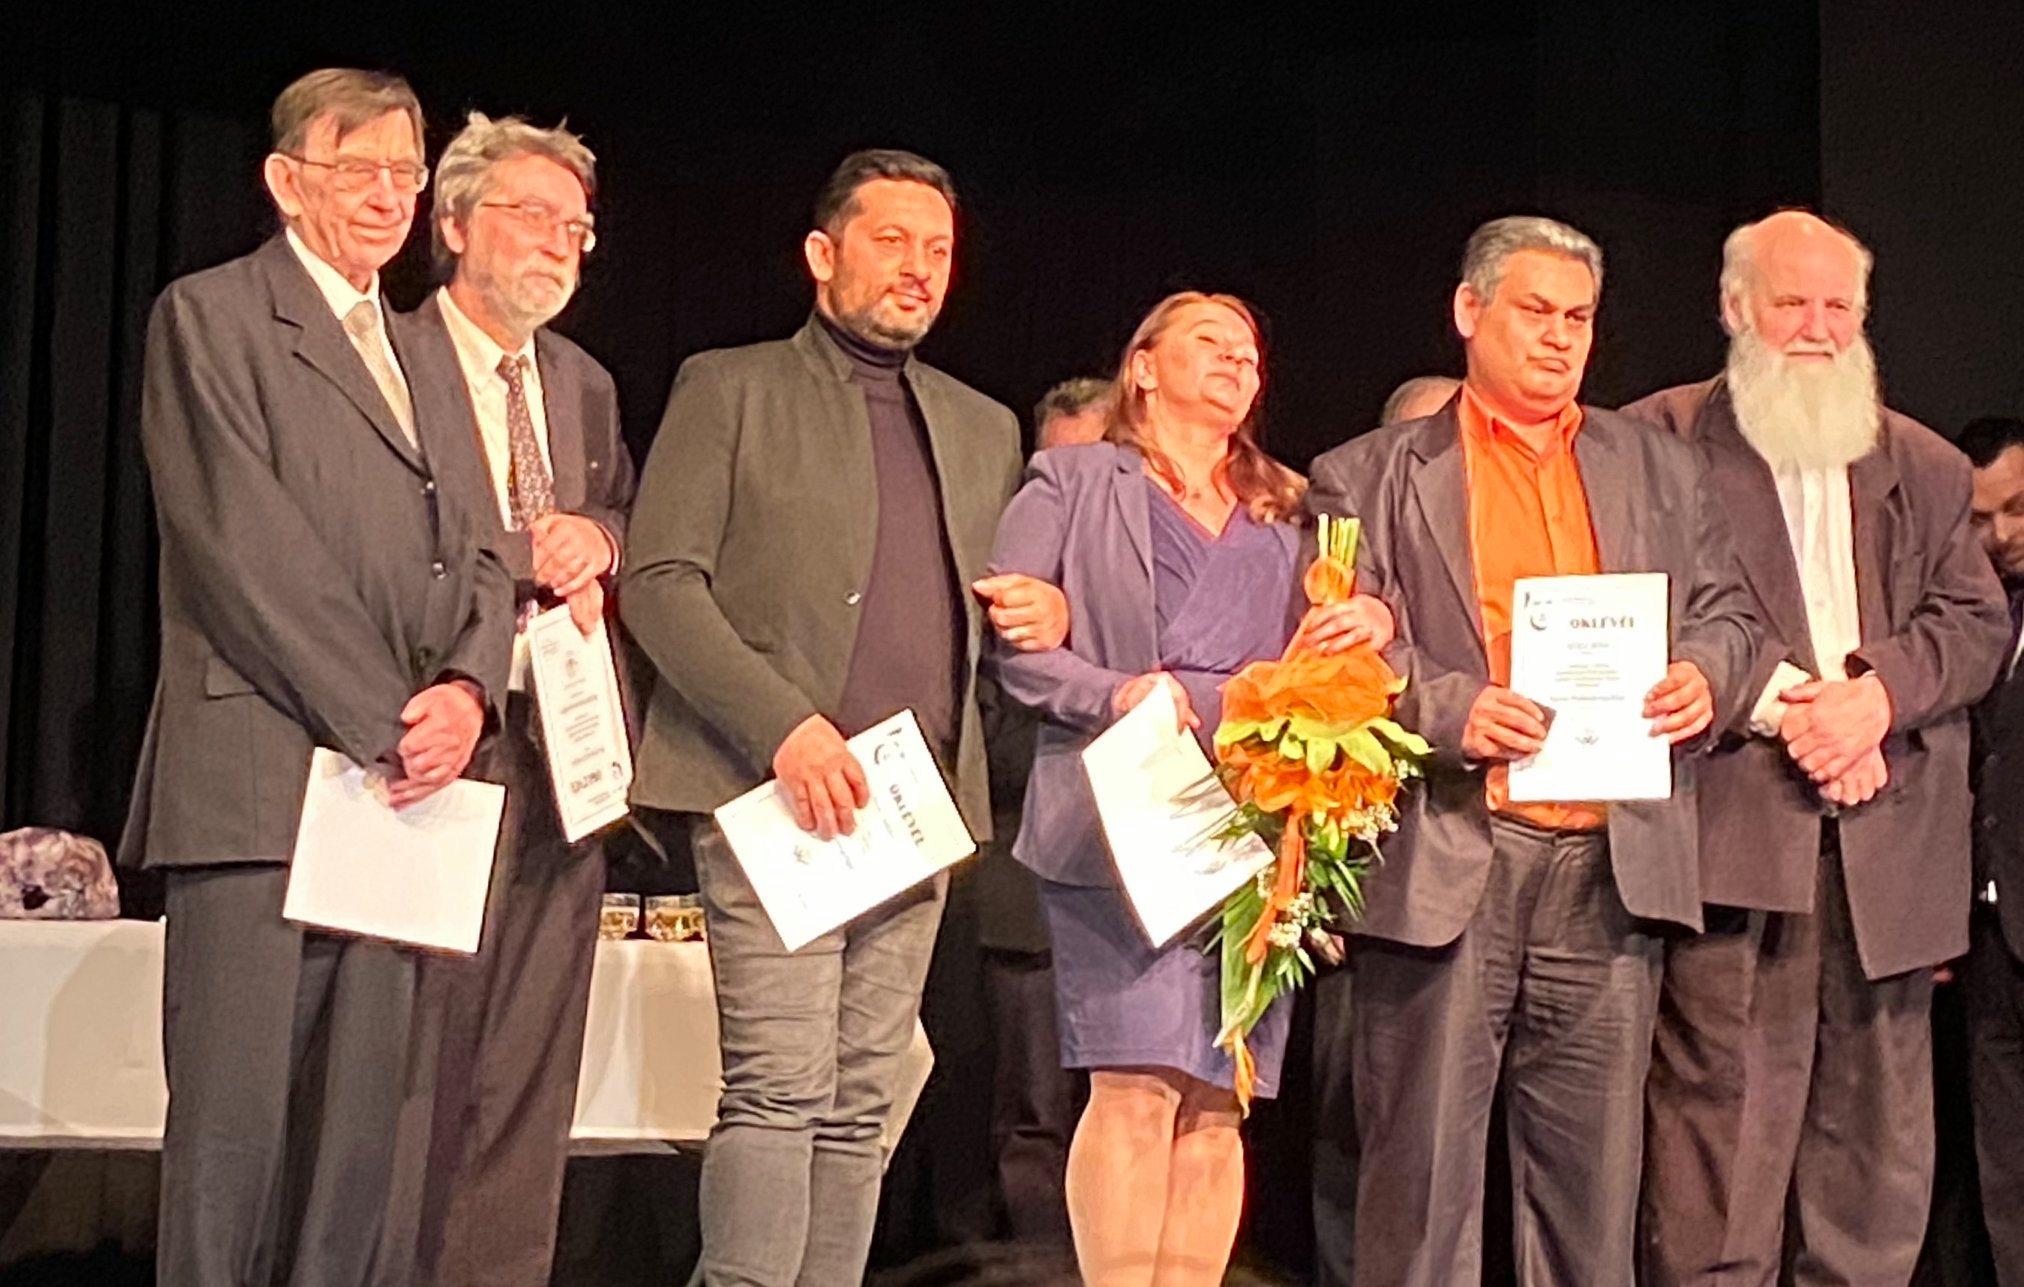 Raoul Wallenberg-díjat kapott Dr. Szigeti Jenő